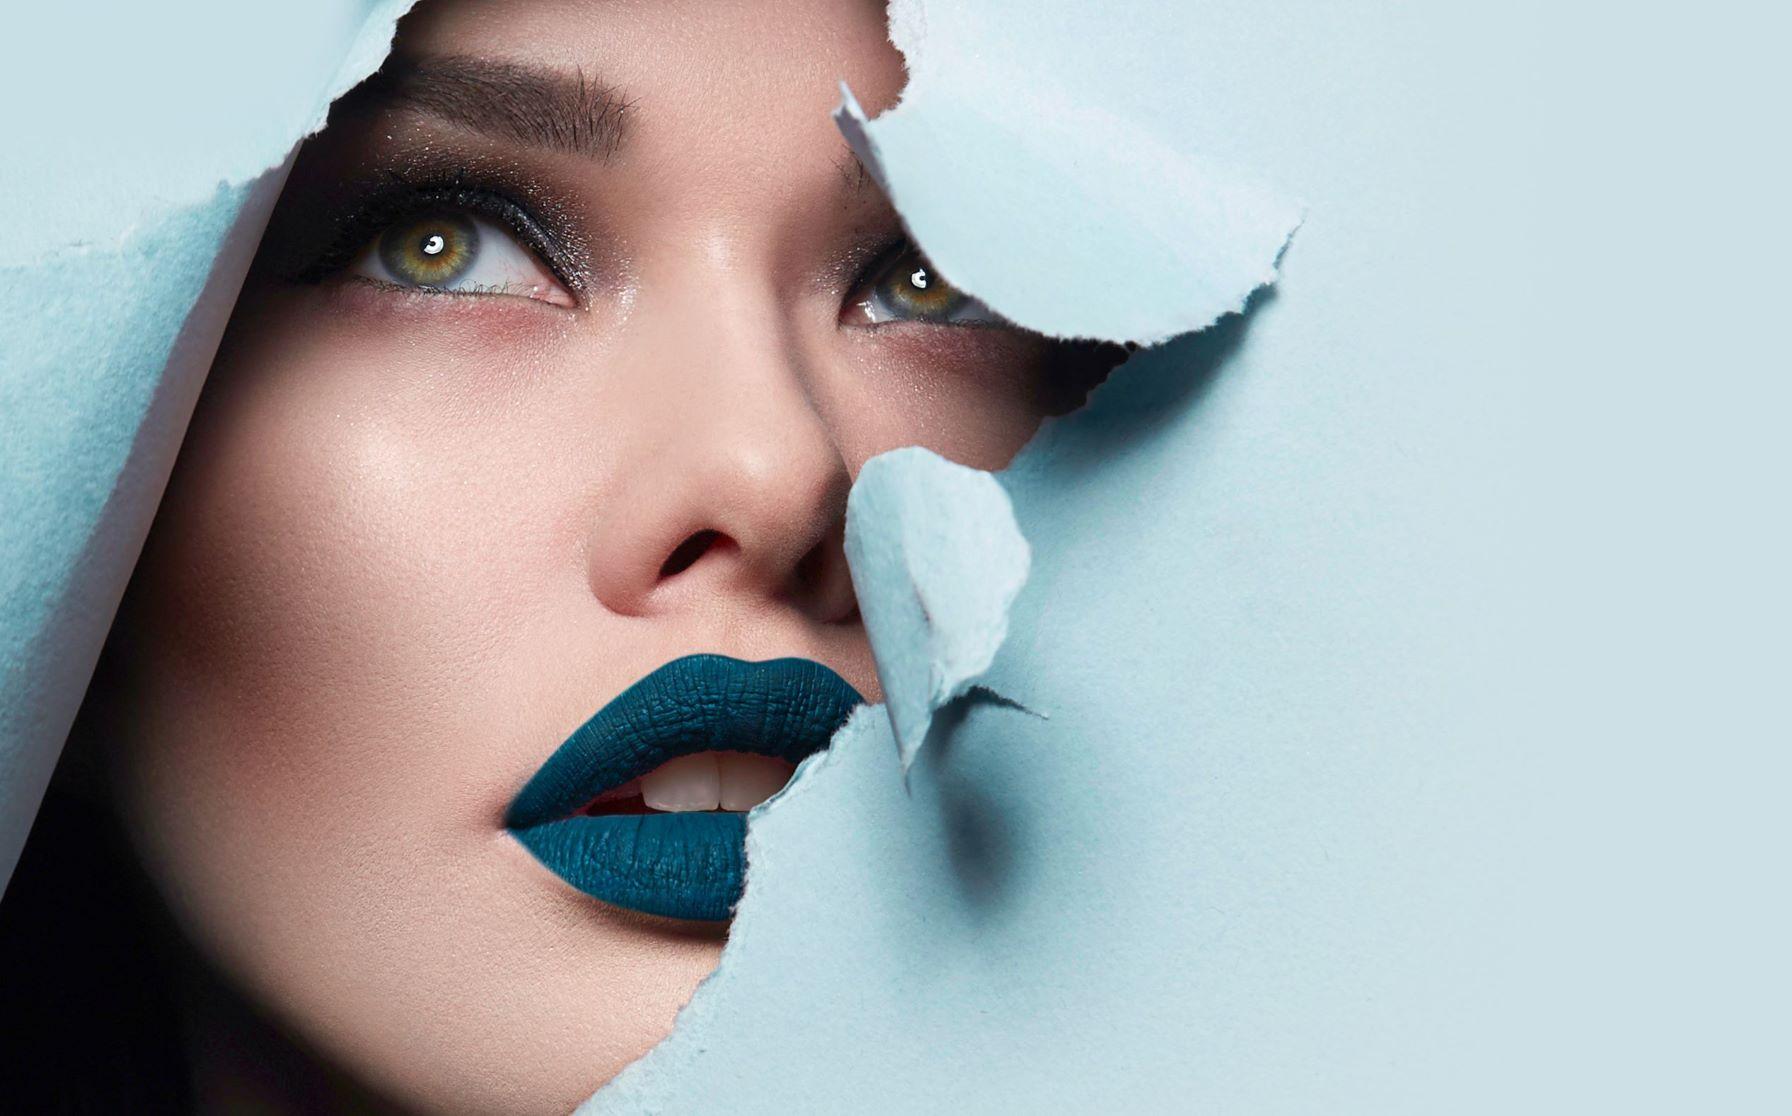 Lady wearing makeup